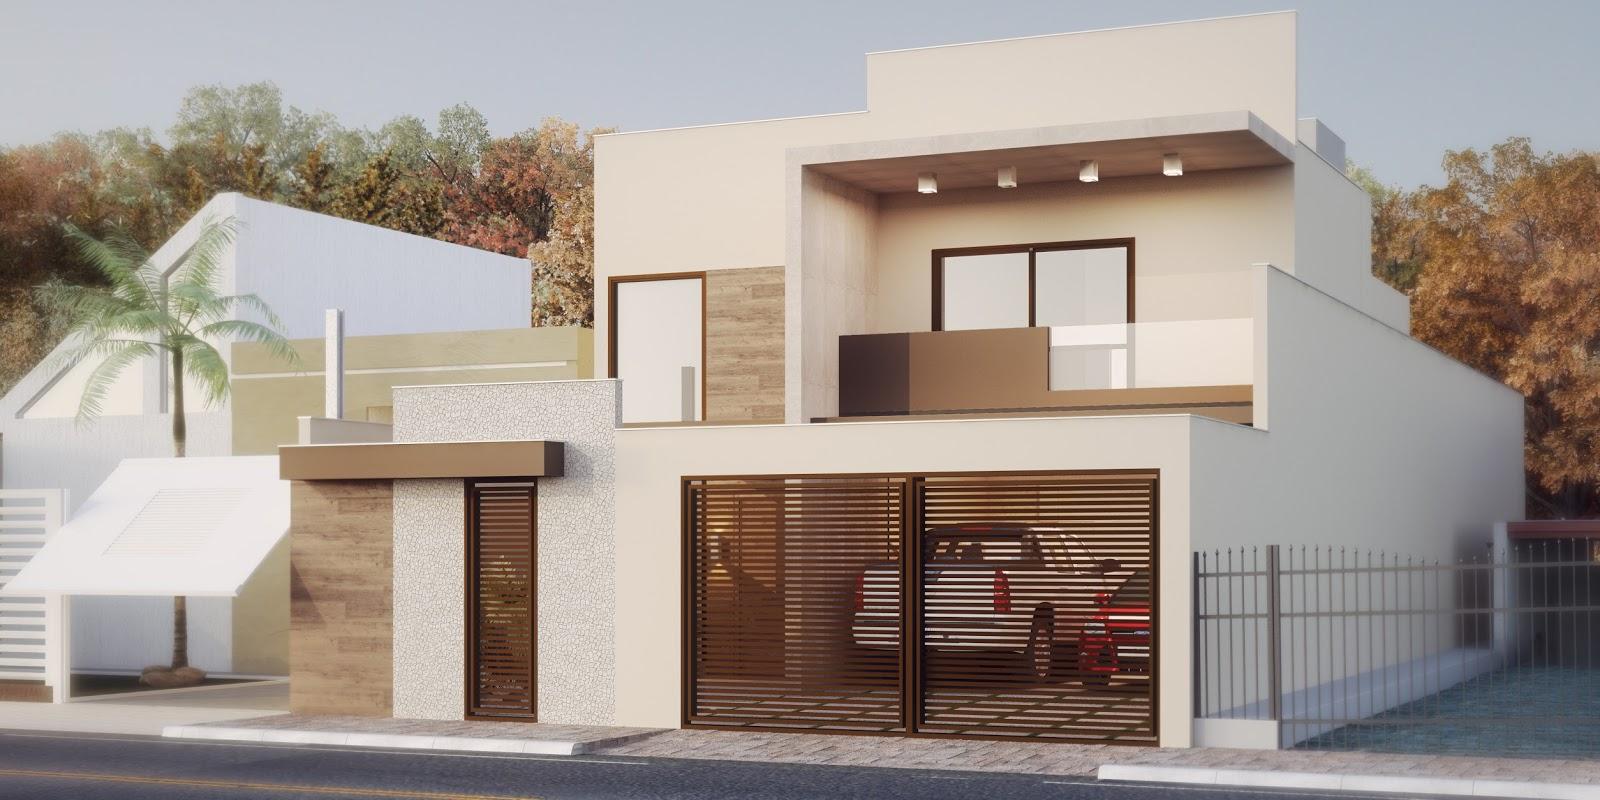 3dsul maquete eletr nica 3d casa popular projeto 3d for Crea casa 3d